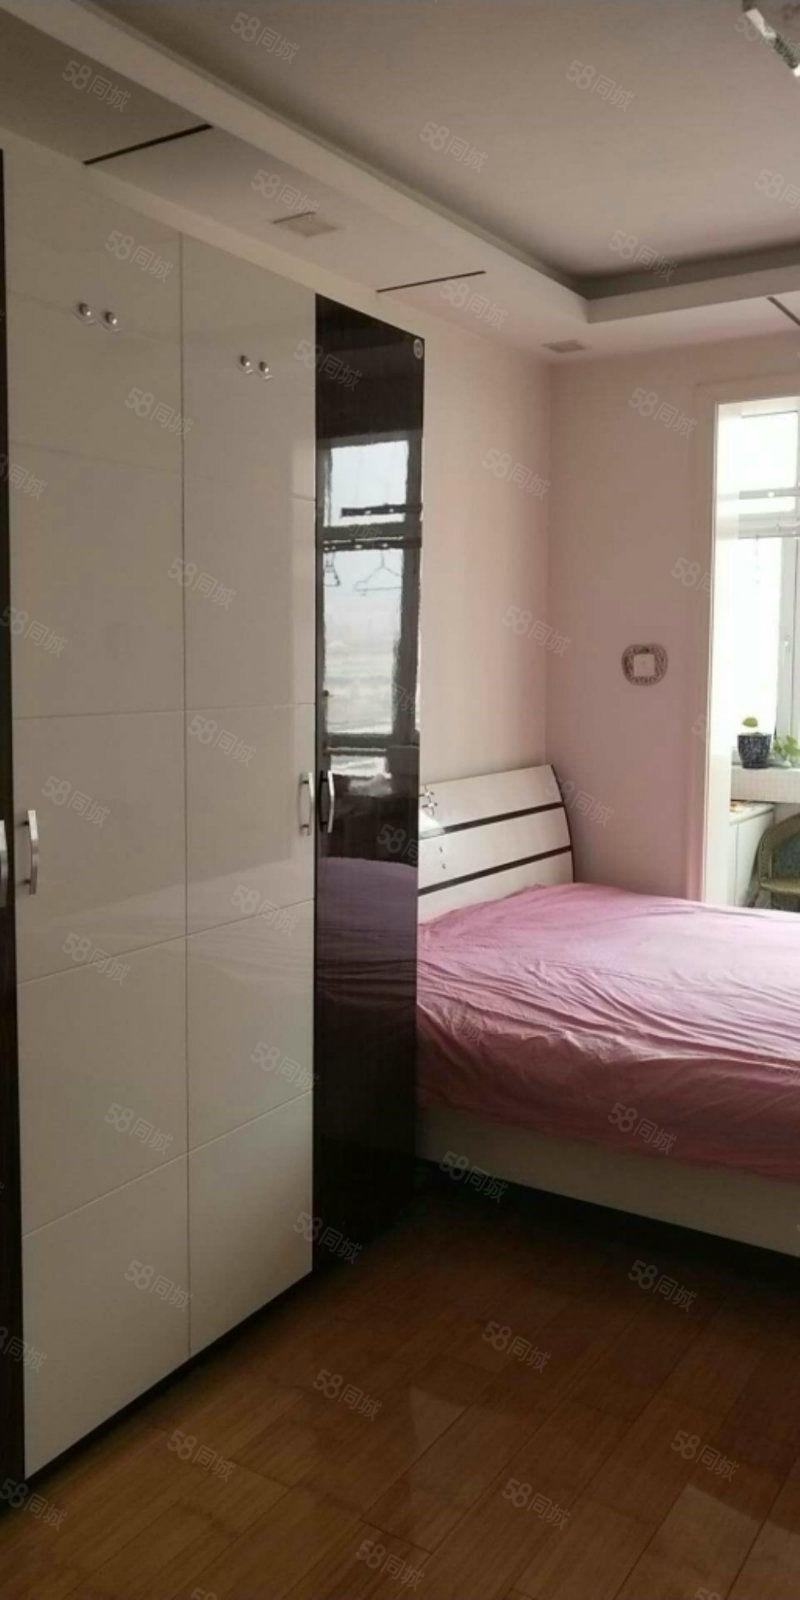 榆州新城四楼两室包取暖年租12000